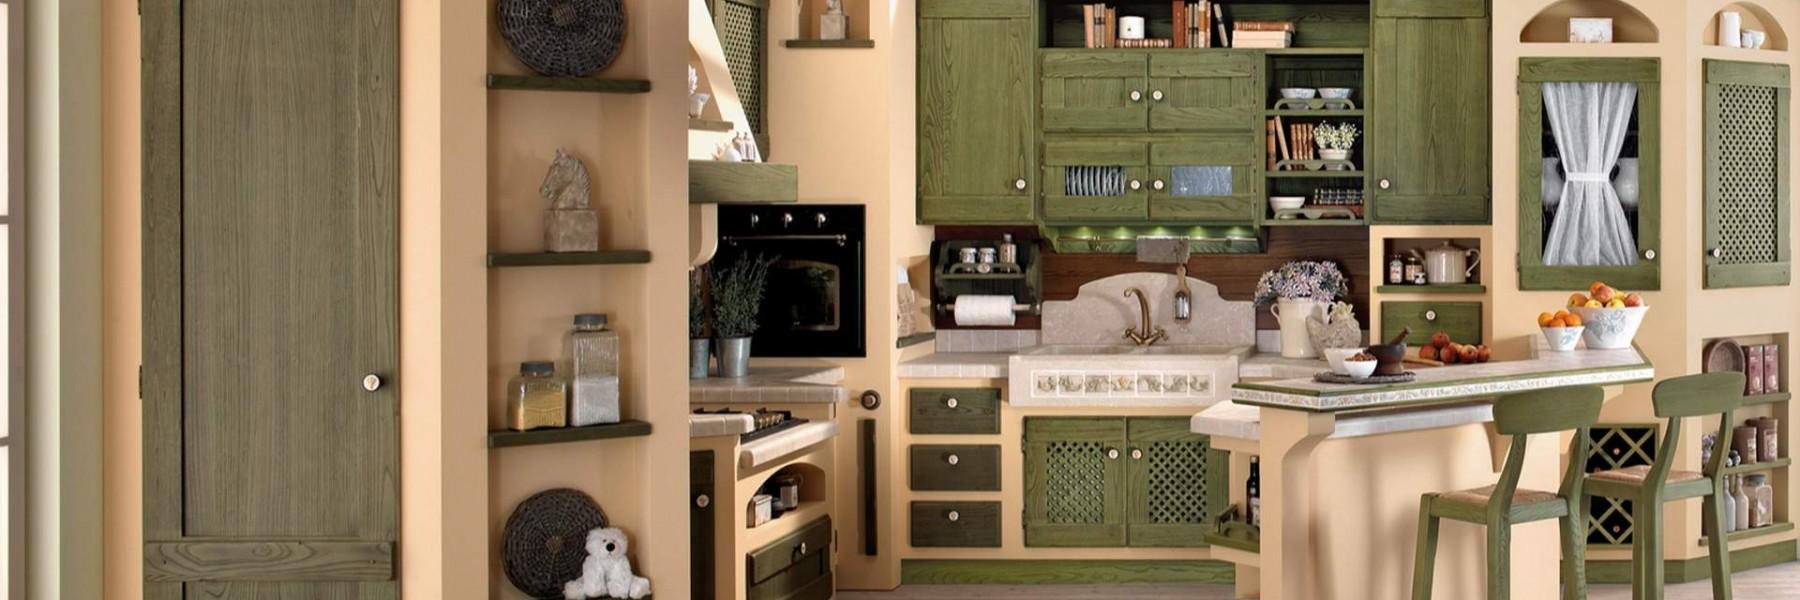 Borgo antico cucine for Master arredamento interni